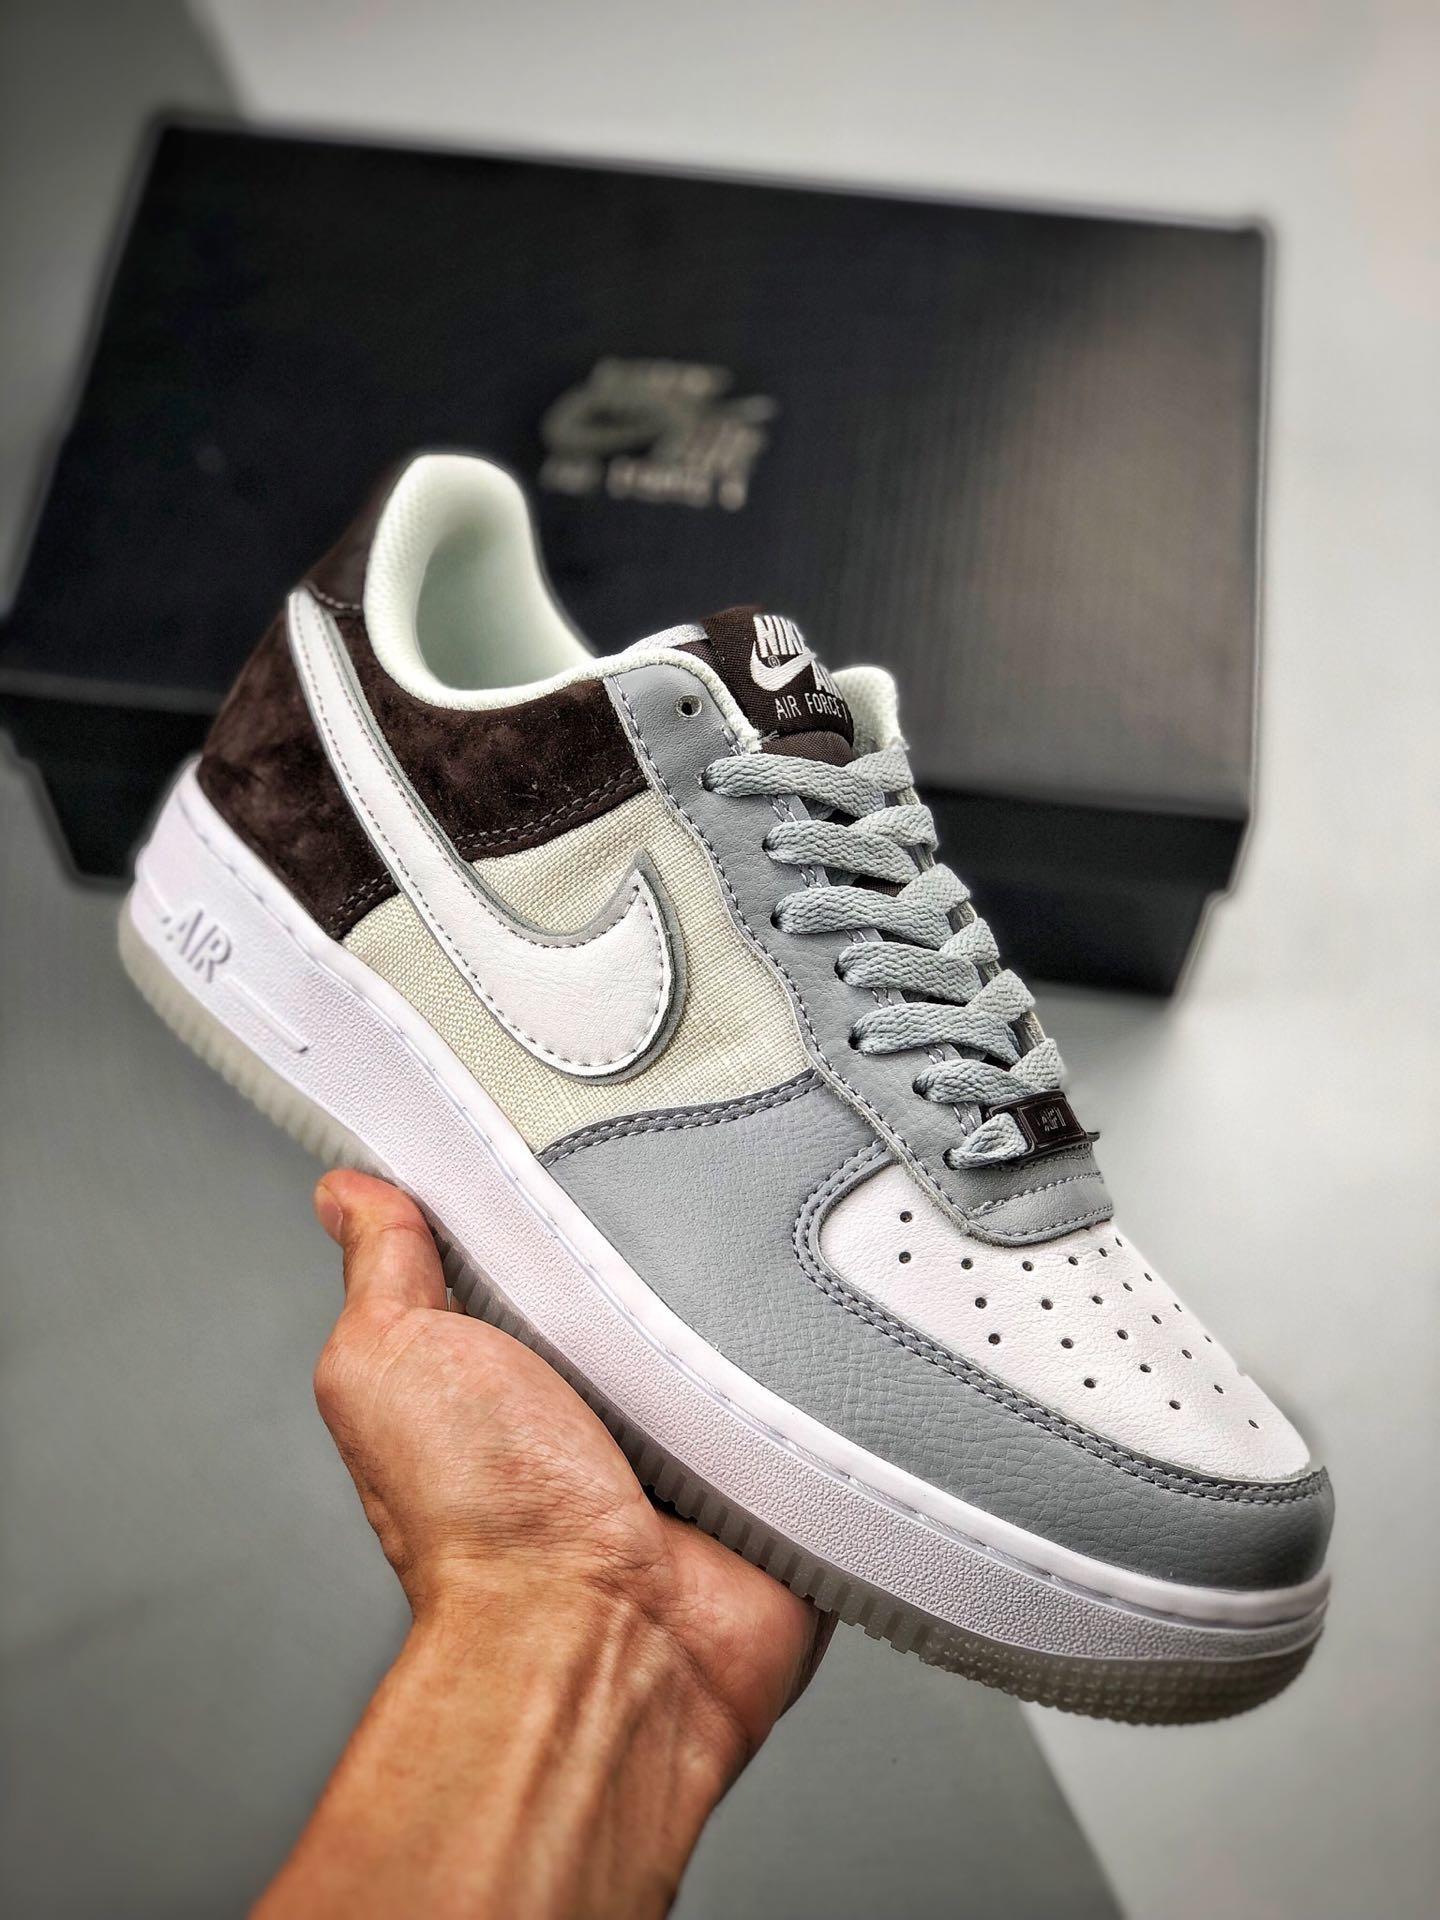 2020 的 Sneaker Online 收藏于 NIKE 主题